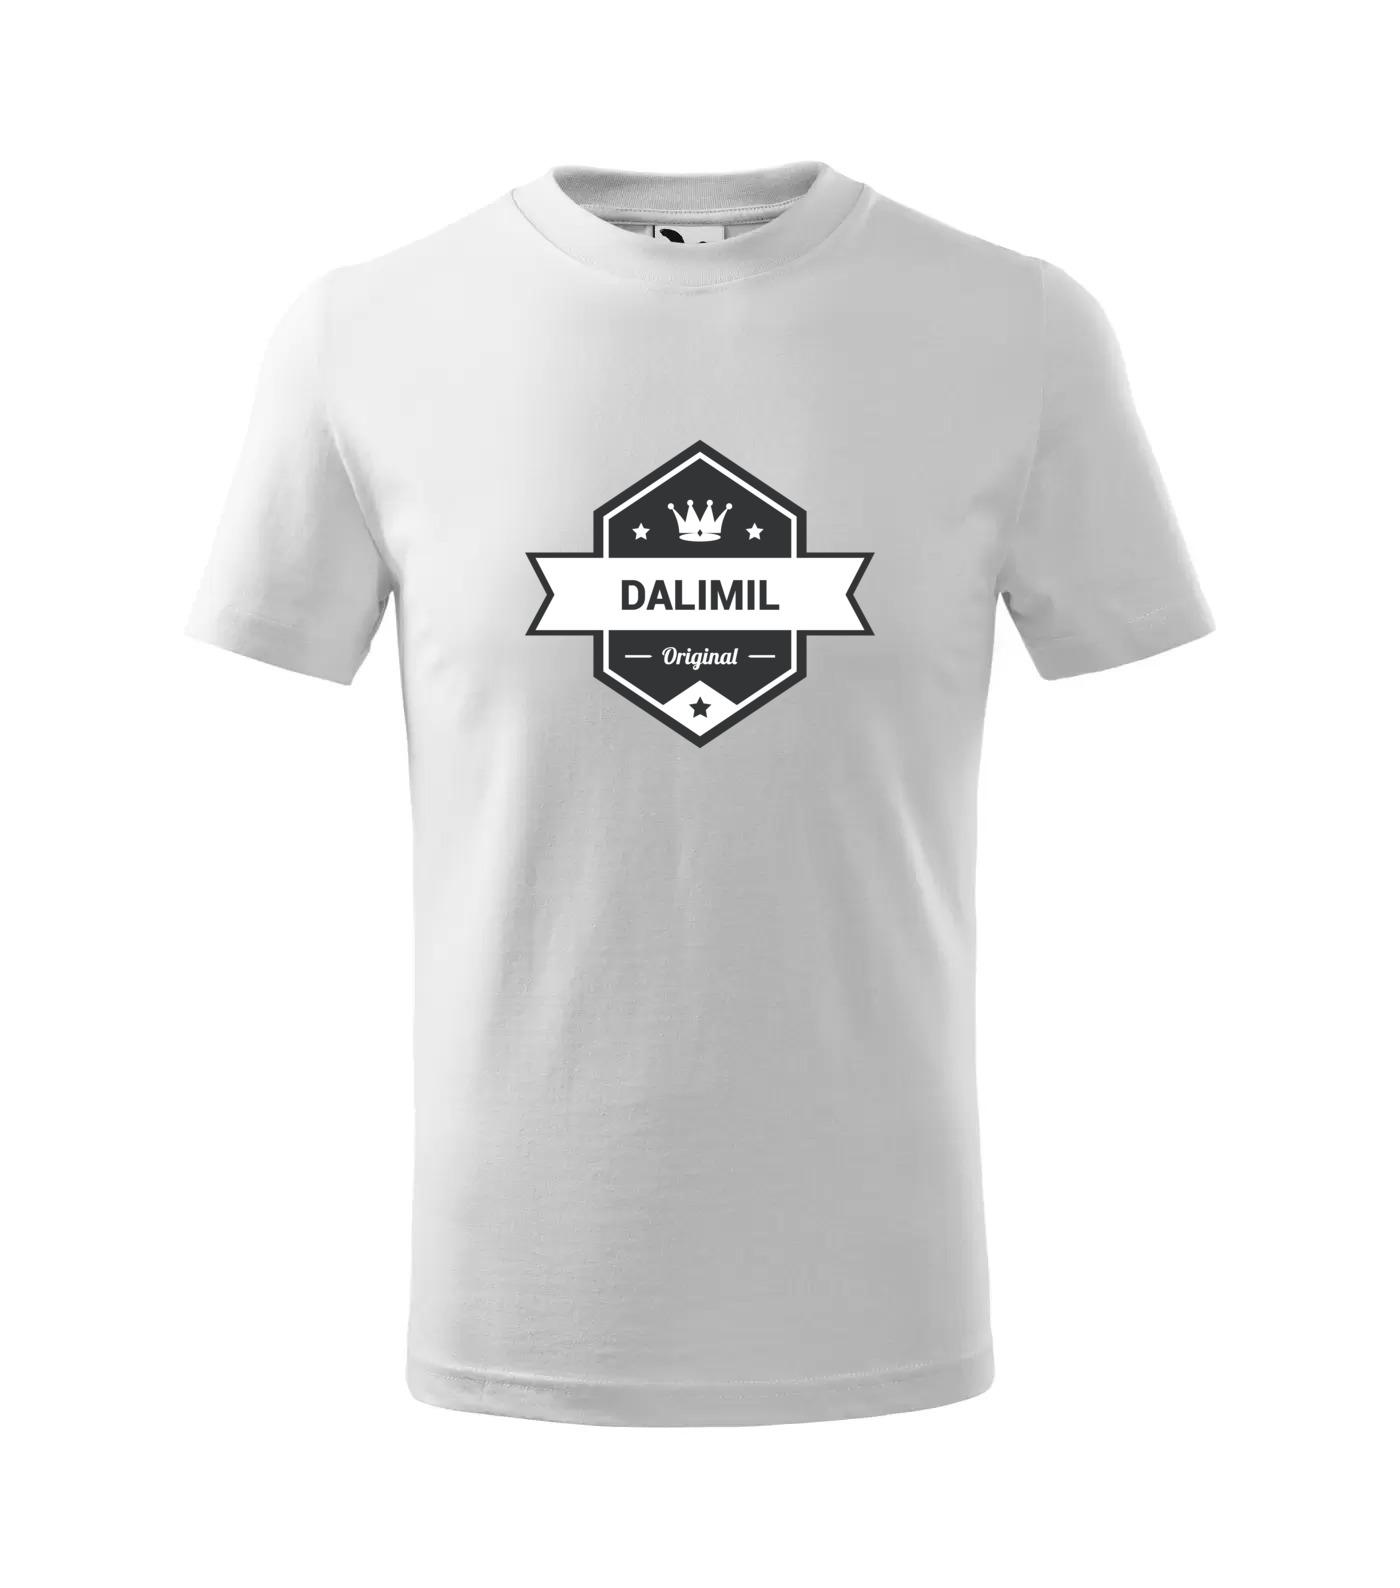 Tričko King Dalimil